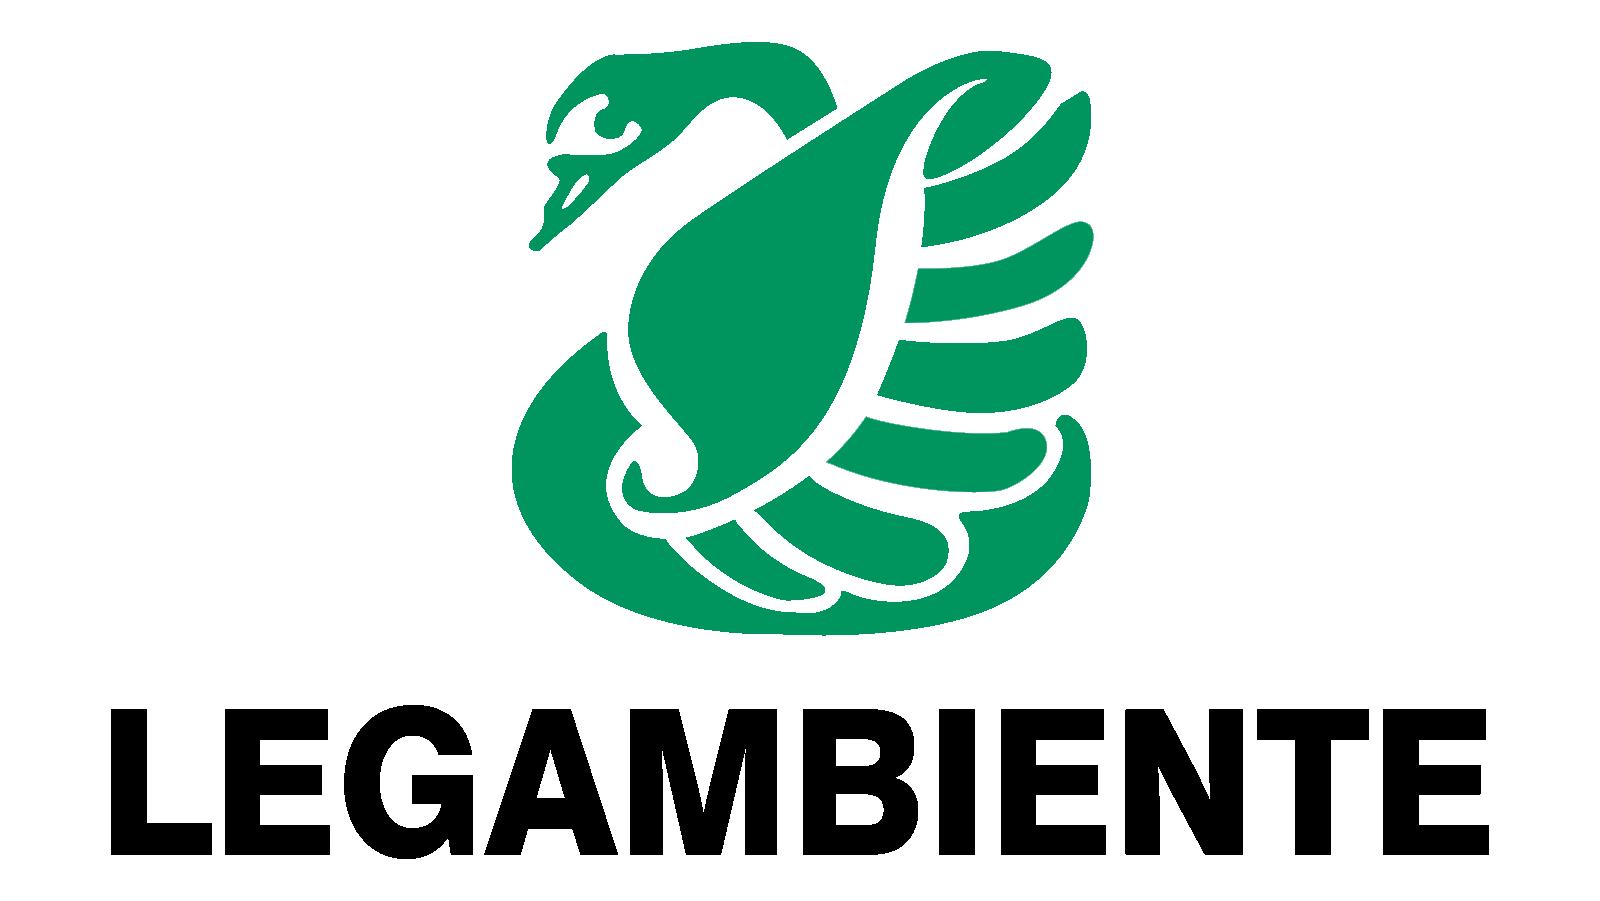 Le nostre iniziative-Legambiente_logo